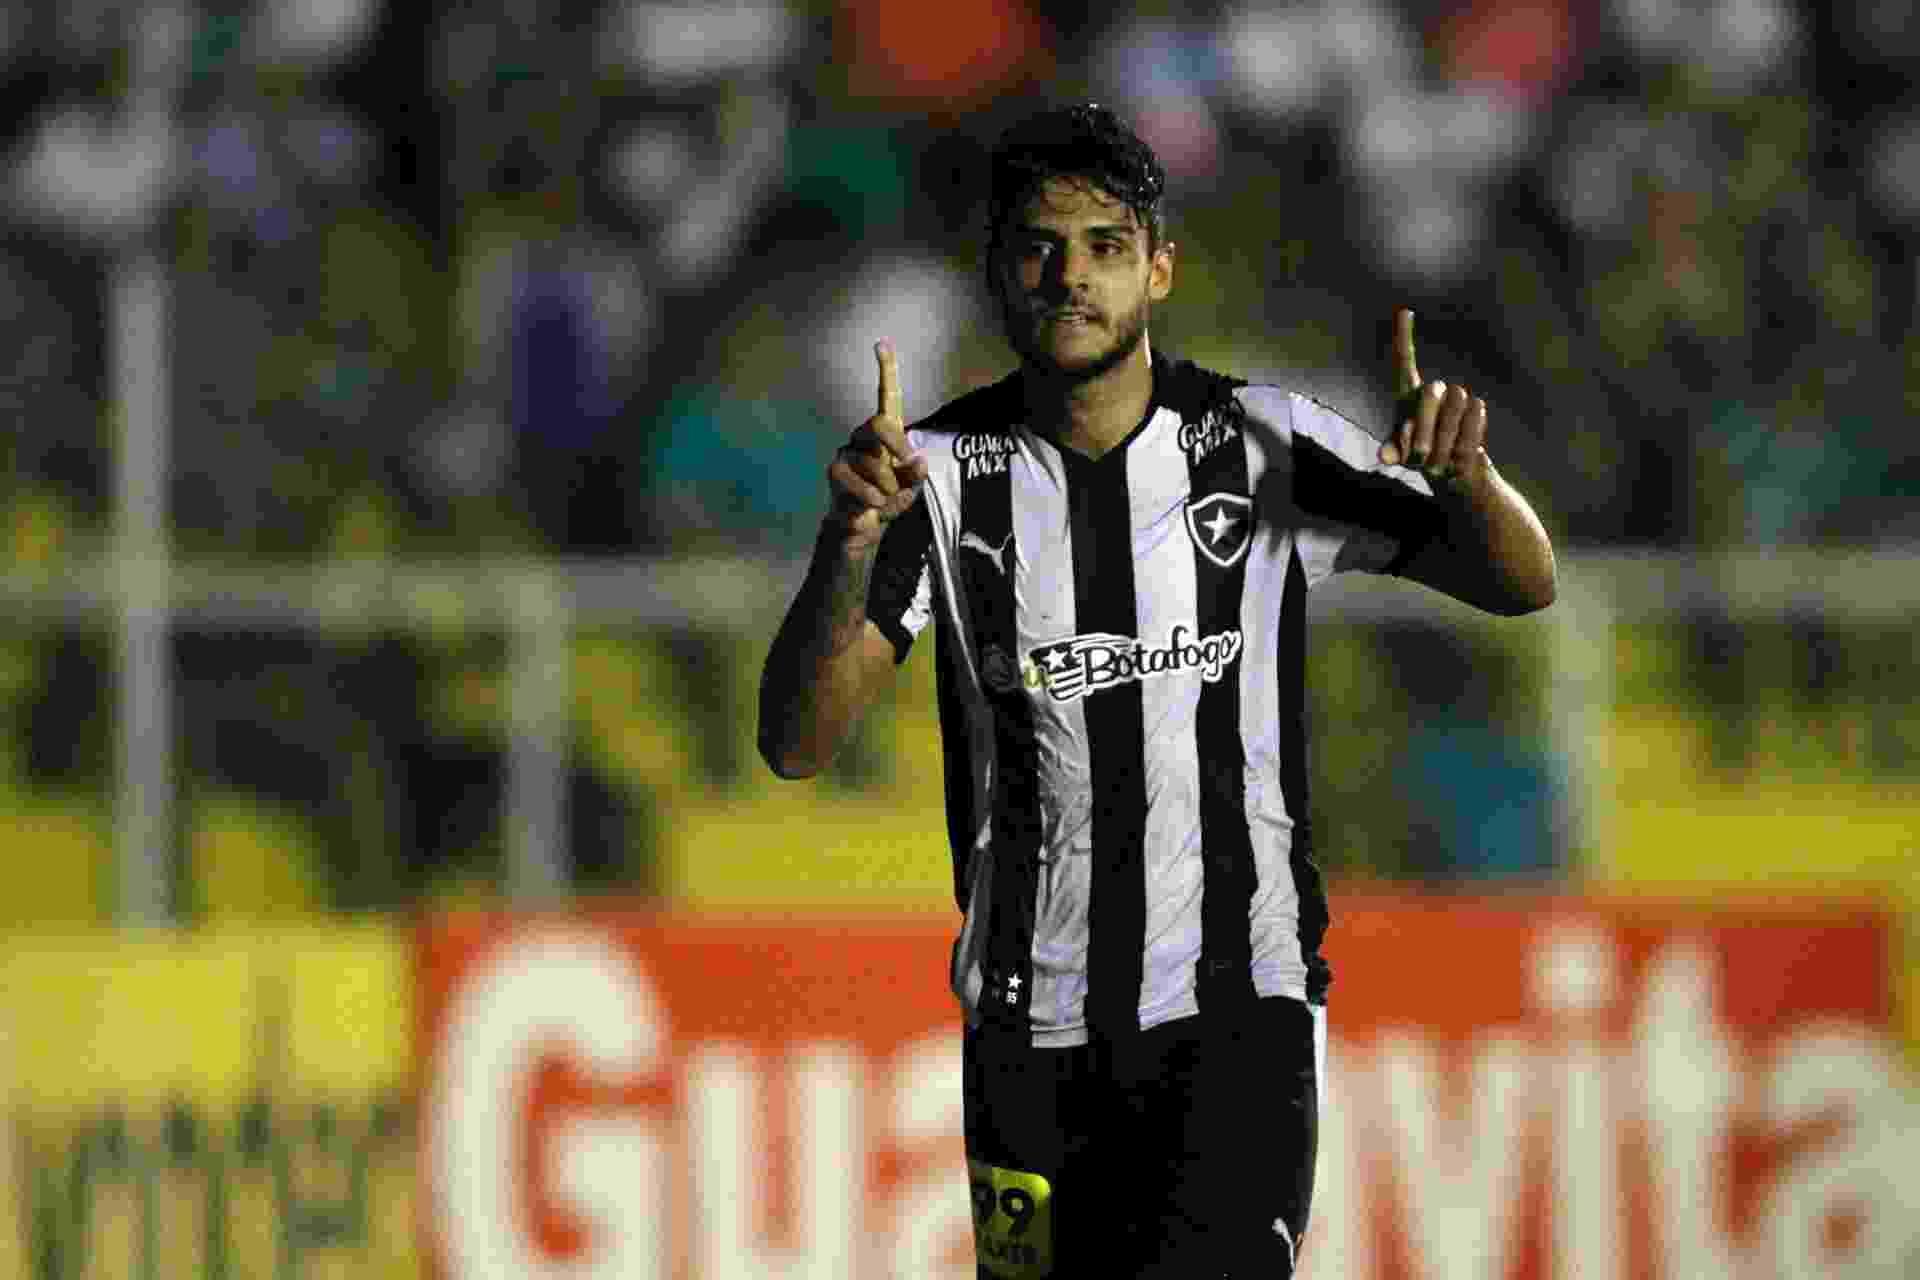 Ronaldo comemora o seu gol pelo Botafogo contra o Luverdense, pela Série B - Vitor Silva / SSPress